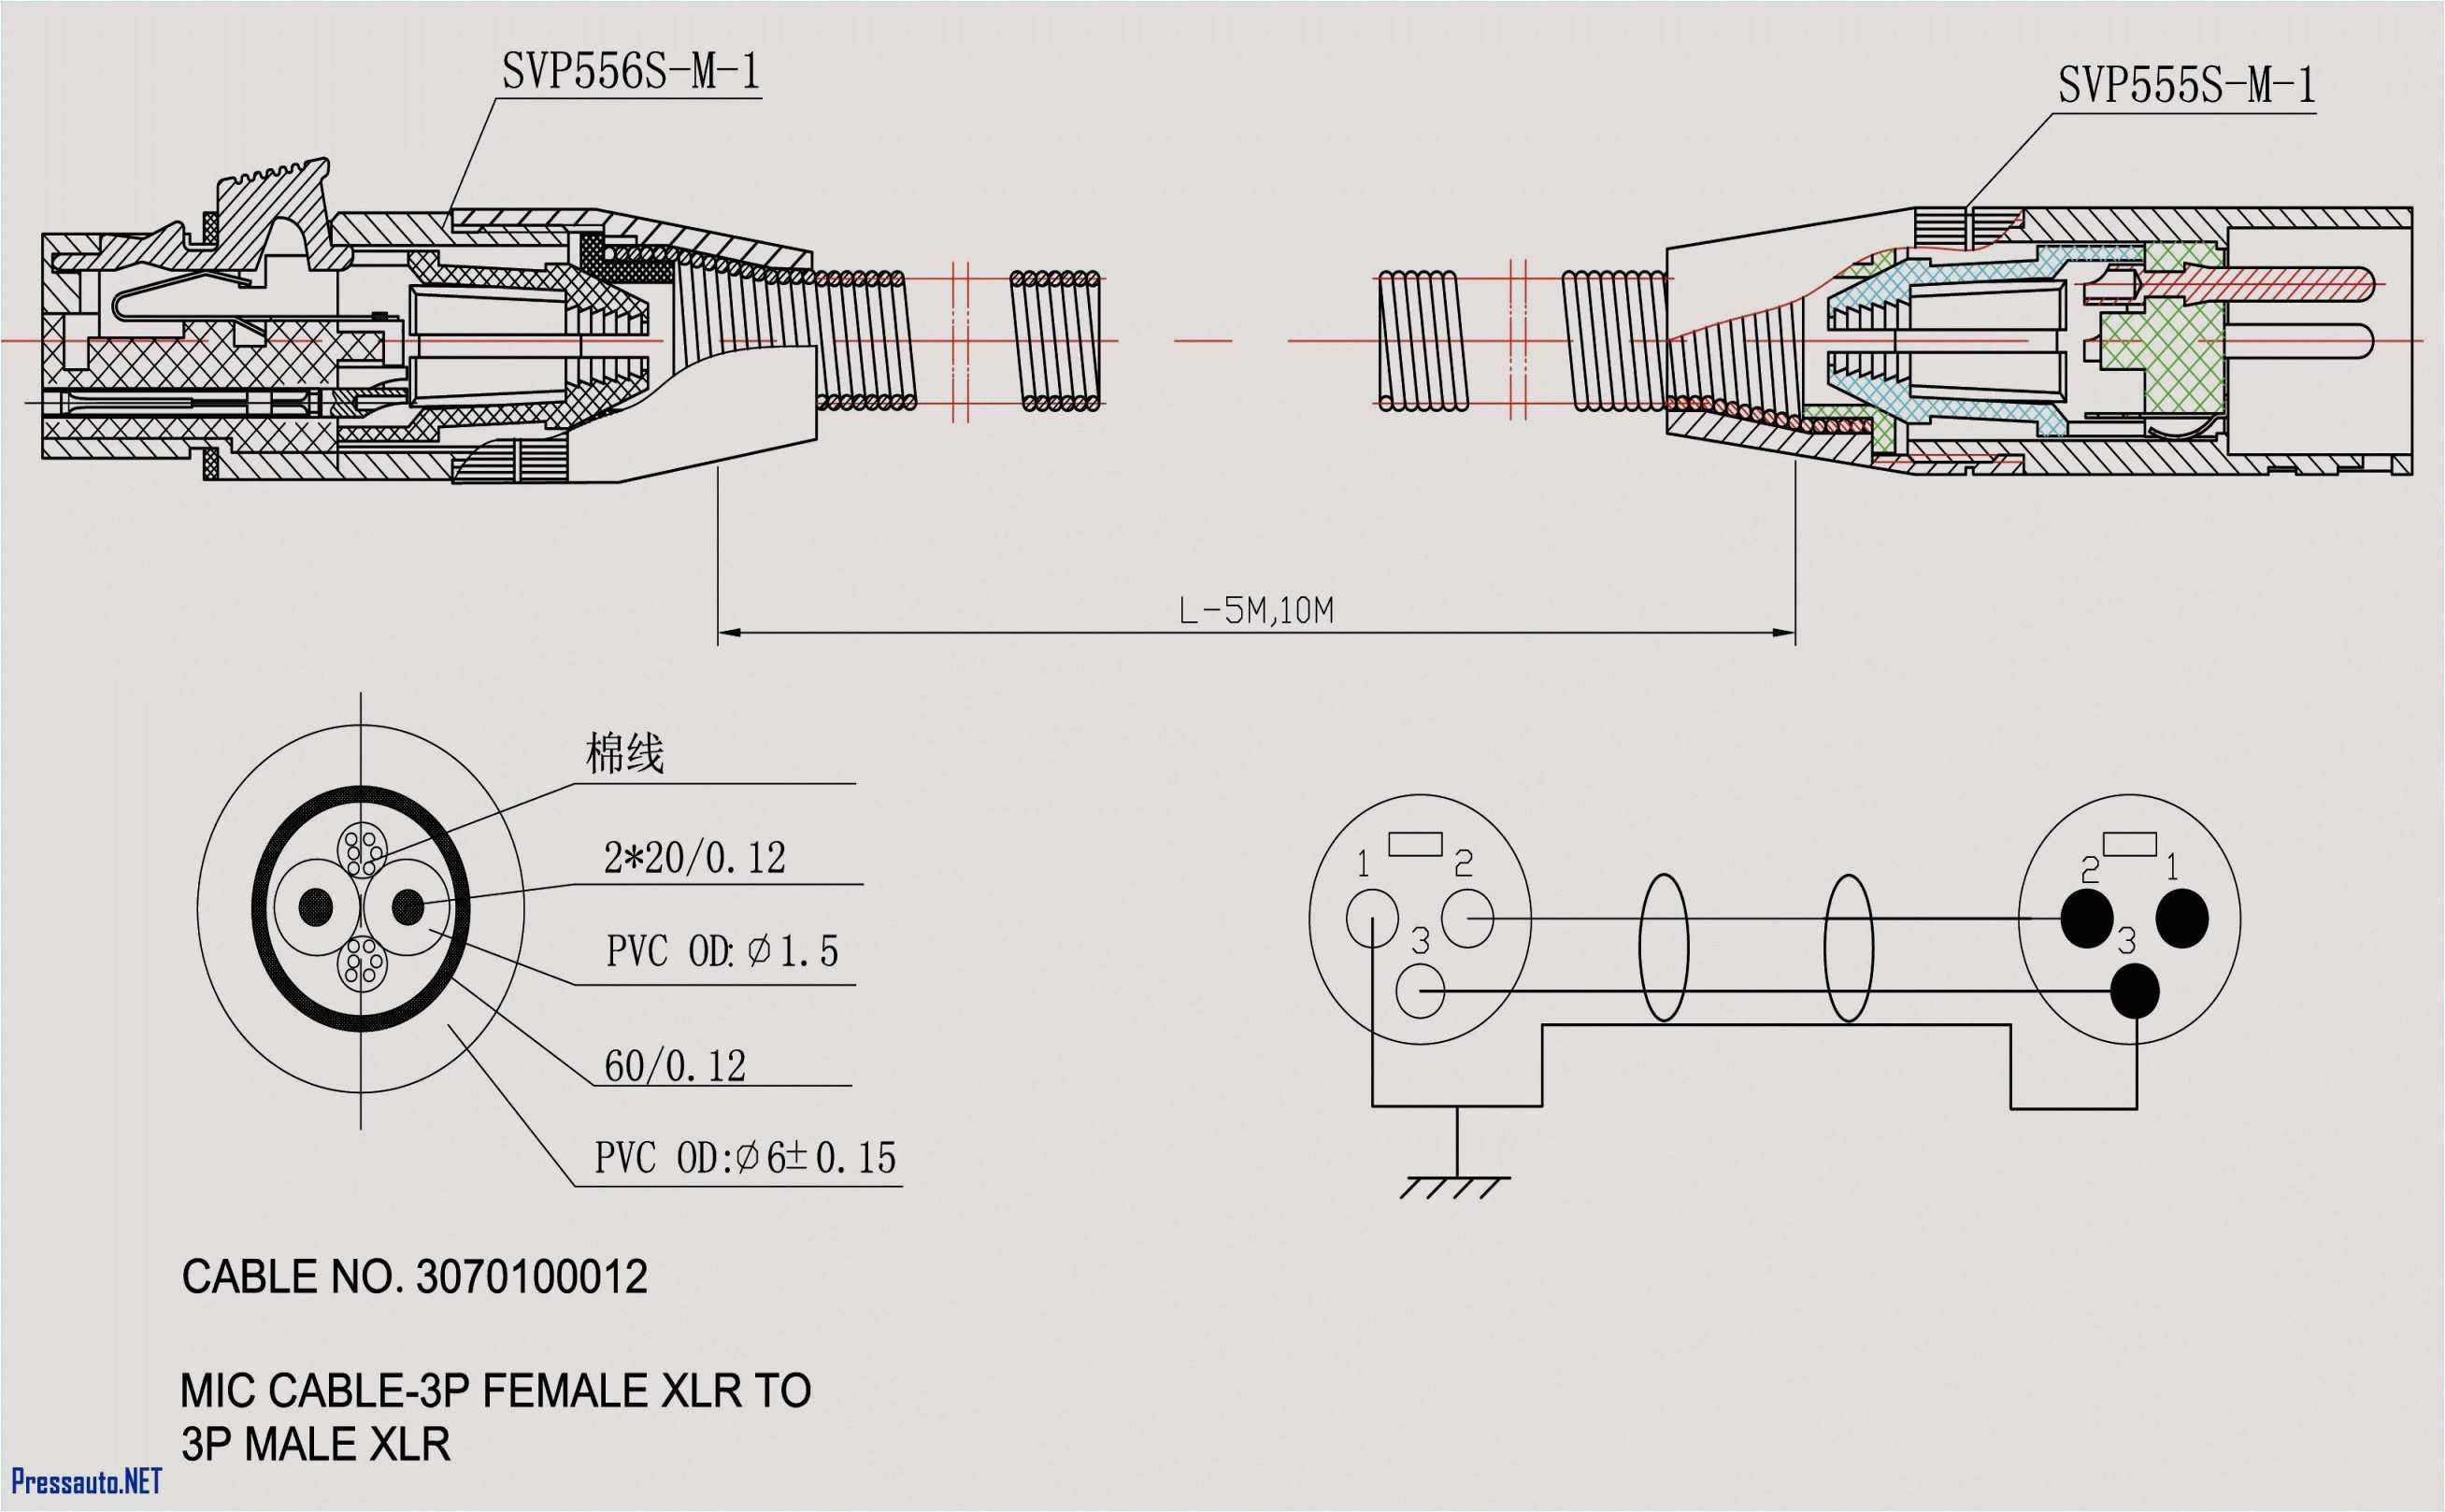 diagram arco wiring gua090a016 in premium wiring diagram blog diagram arco wiring gua090a016 in